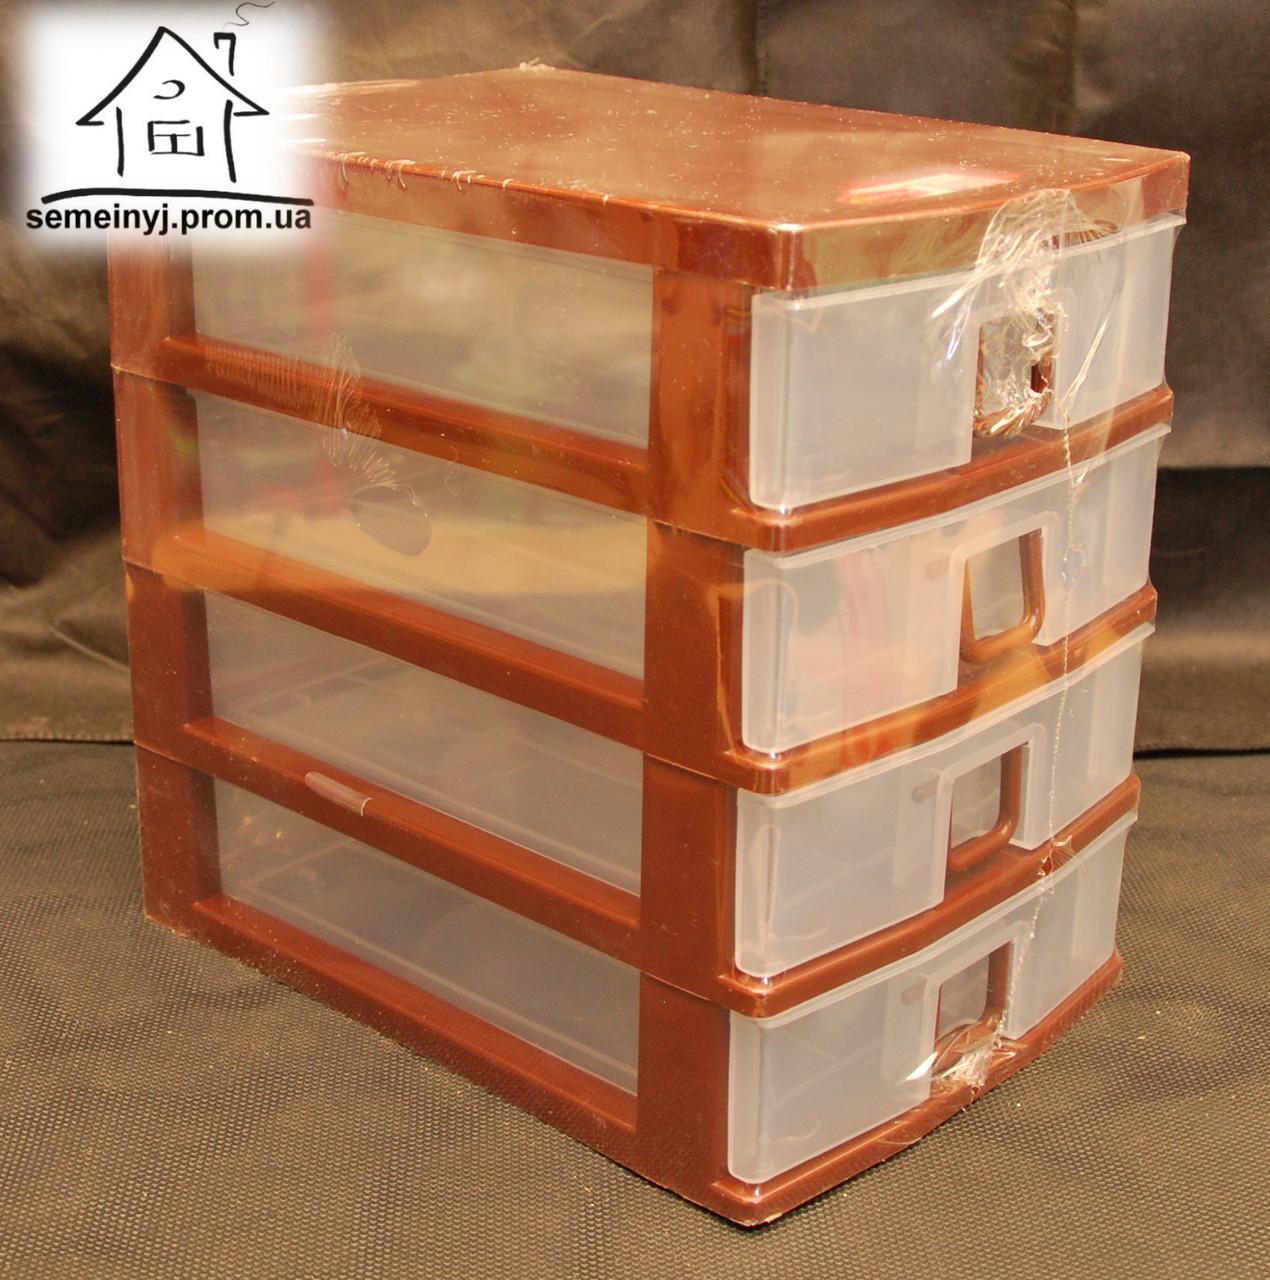 Пластиковый мини-комод для мелочей Senyayla на 4 ящика (коричневый) - Интернет-магазин товаров для дома Семейный в Харькове